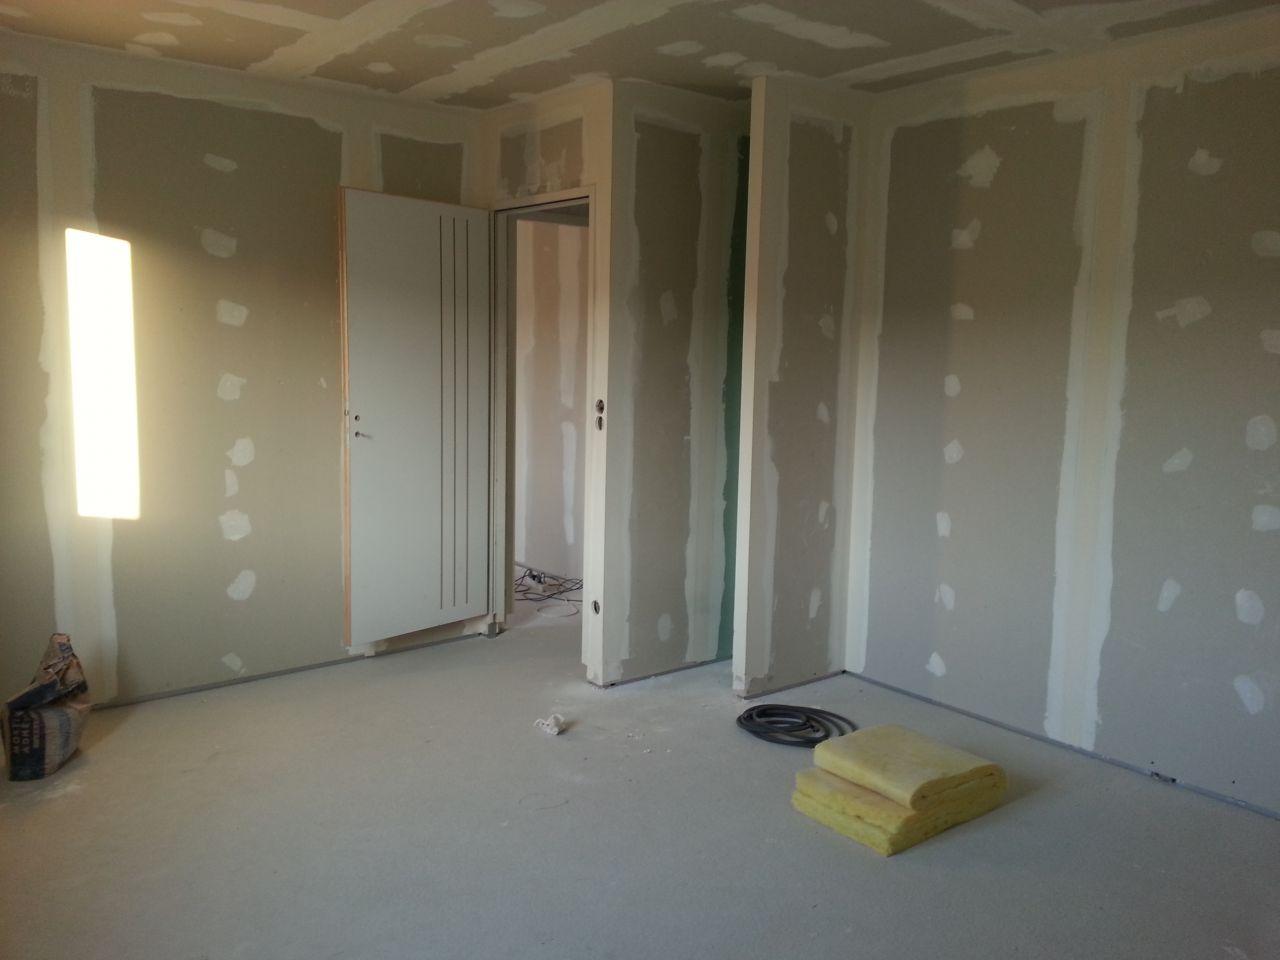 vue de notre chambre. Le retour juste devant la porte sera destinée à recevoir des étagères.... et le reste un grand placard.